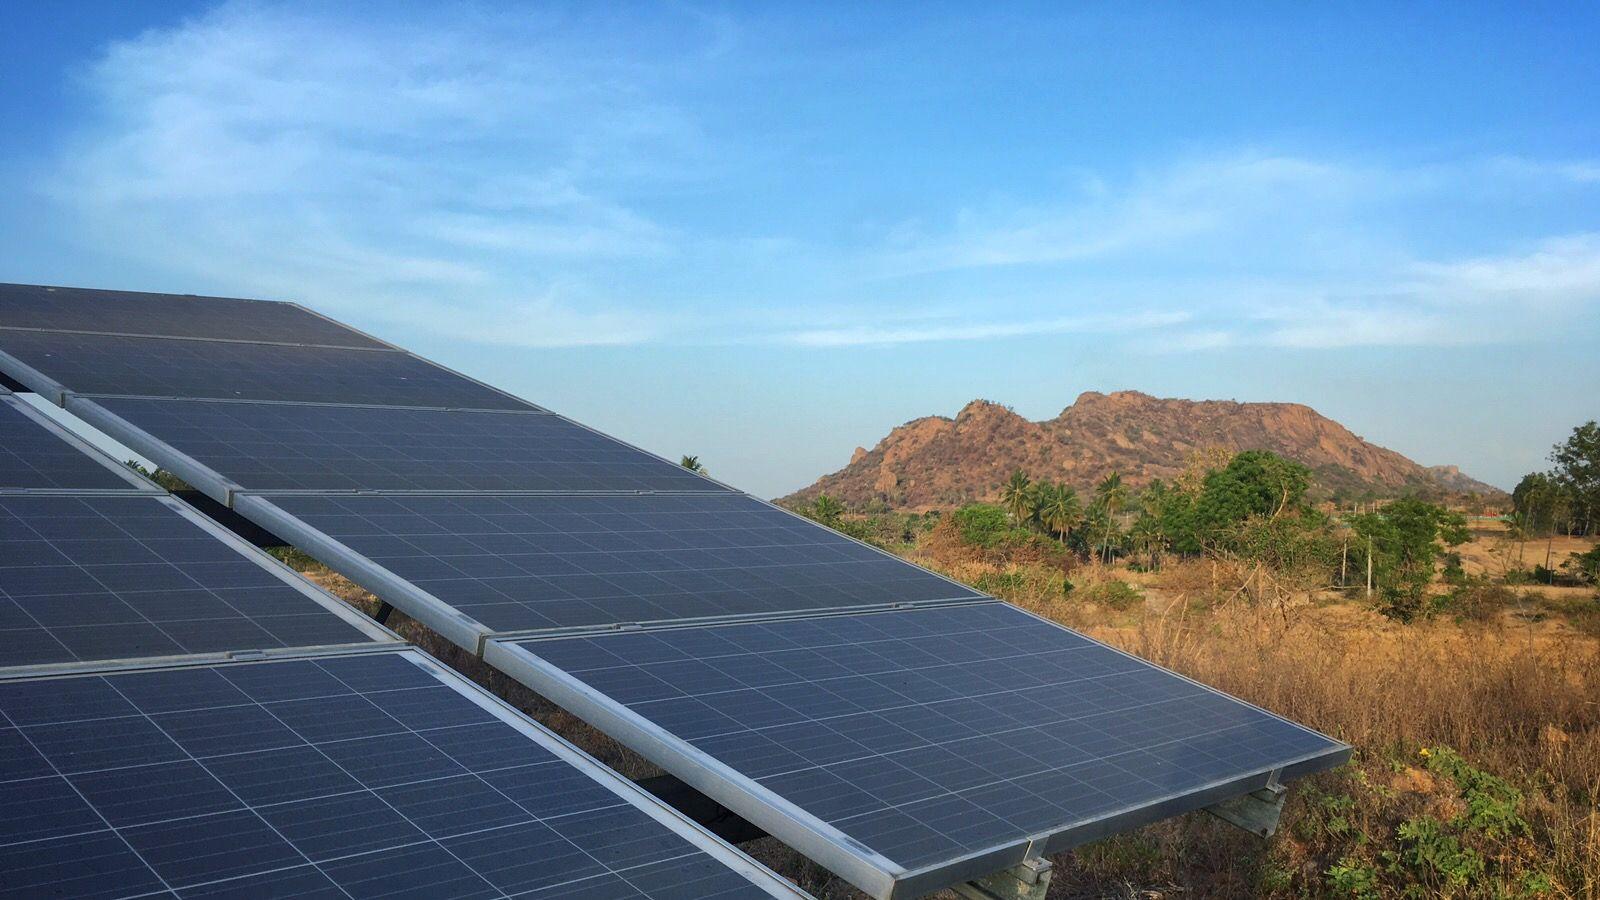 インドの太陽光・風力発電ブームが下火に=目標達成は困難か